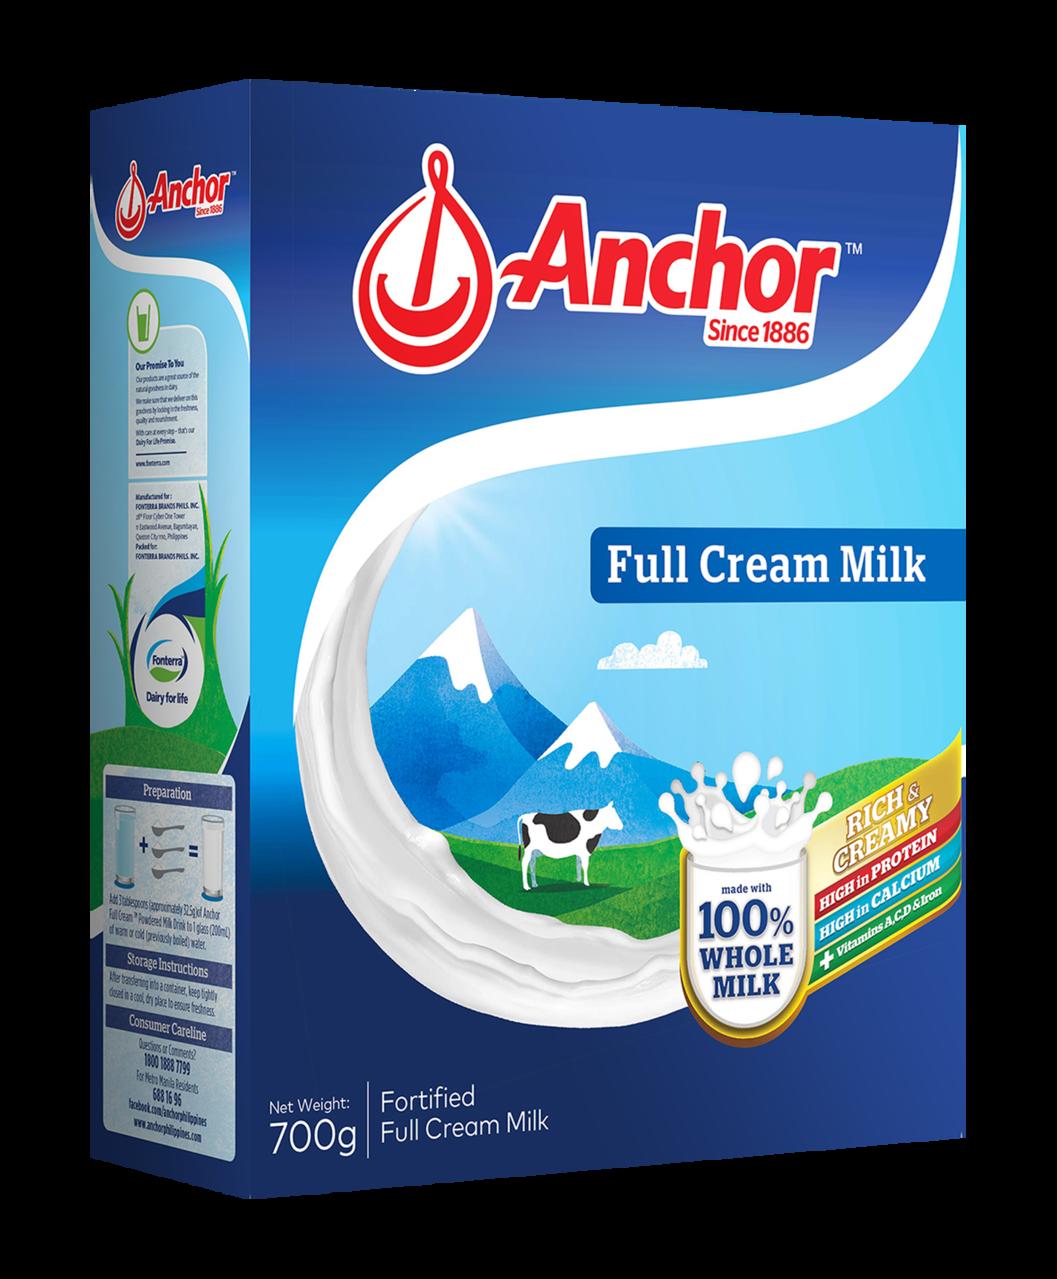 Anchor Full Cream Milk